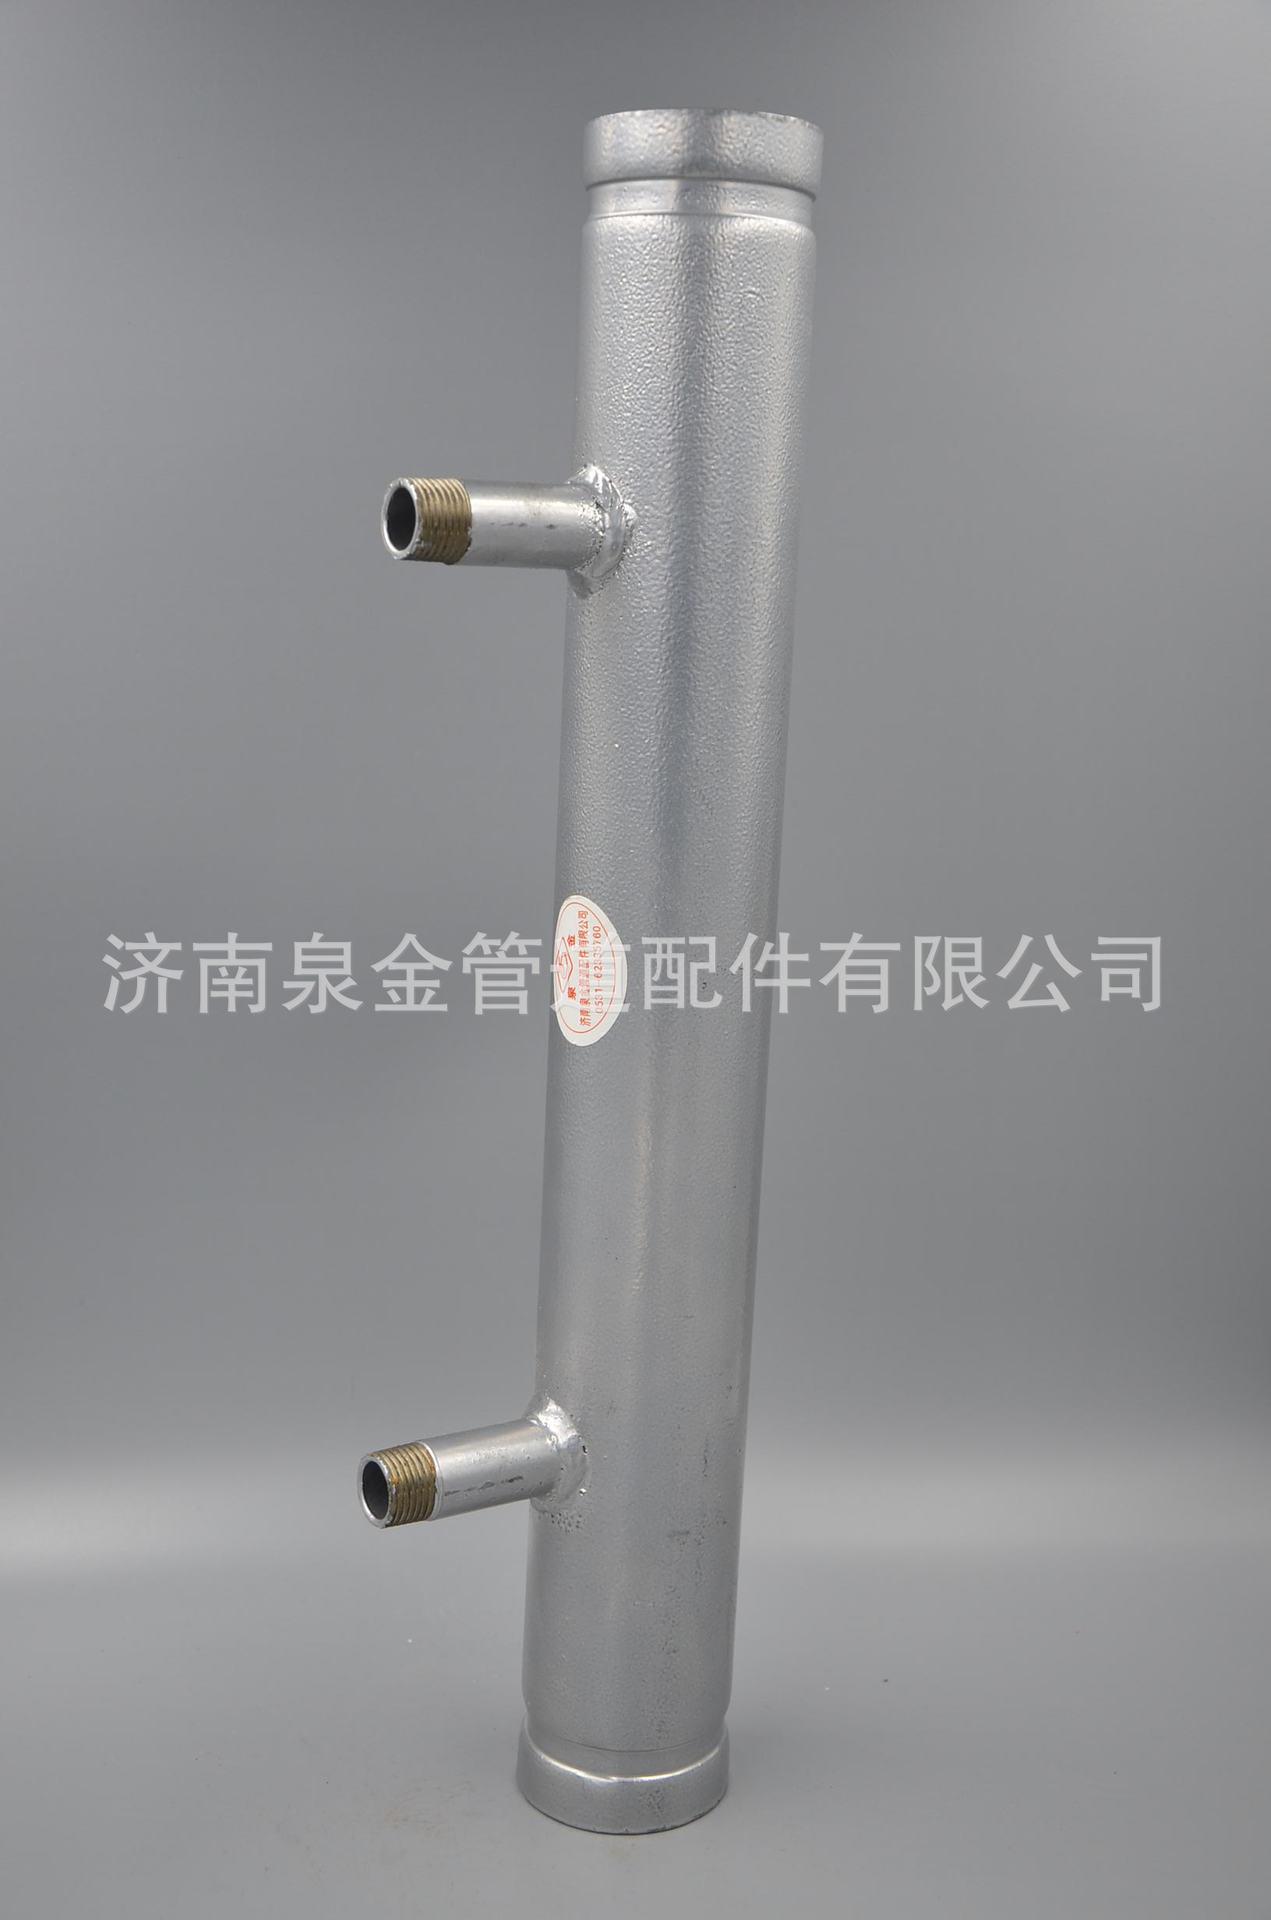 高层楼房管道井水表专用分水器